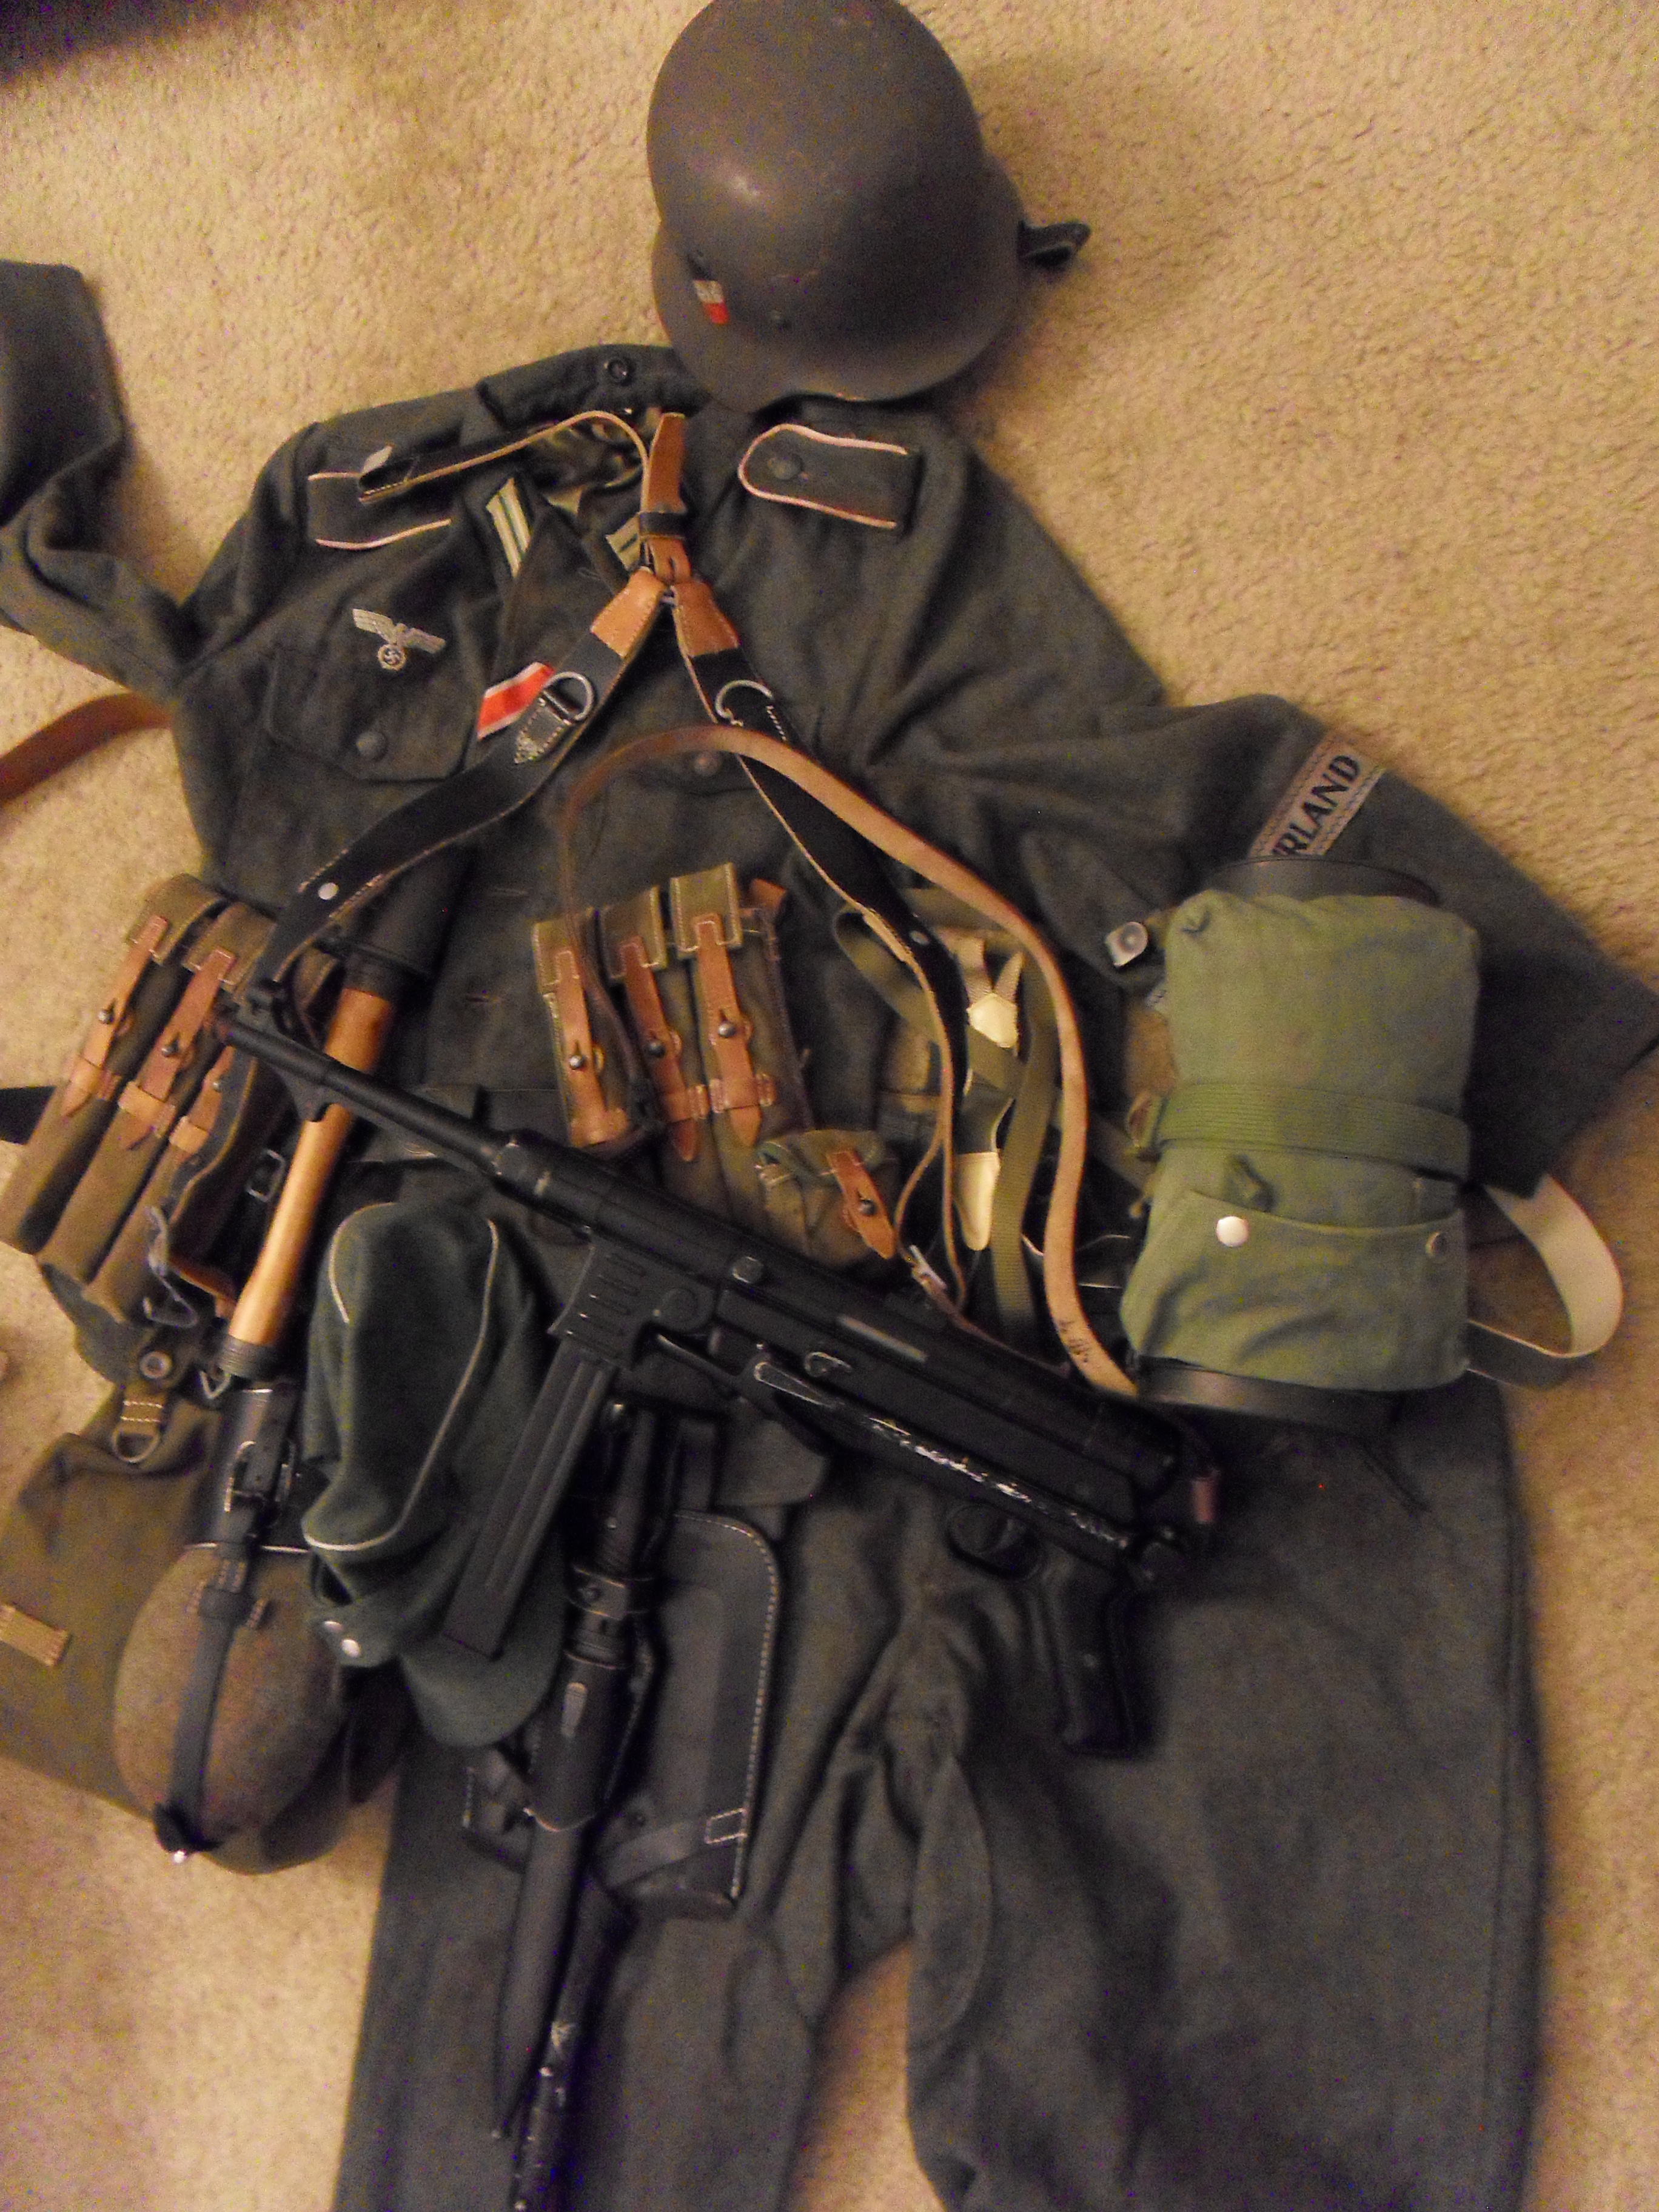 wehrmacht uniform by buster126 on deviantart